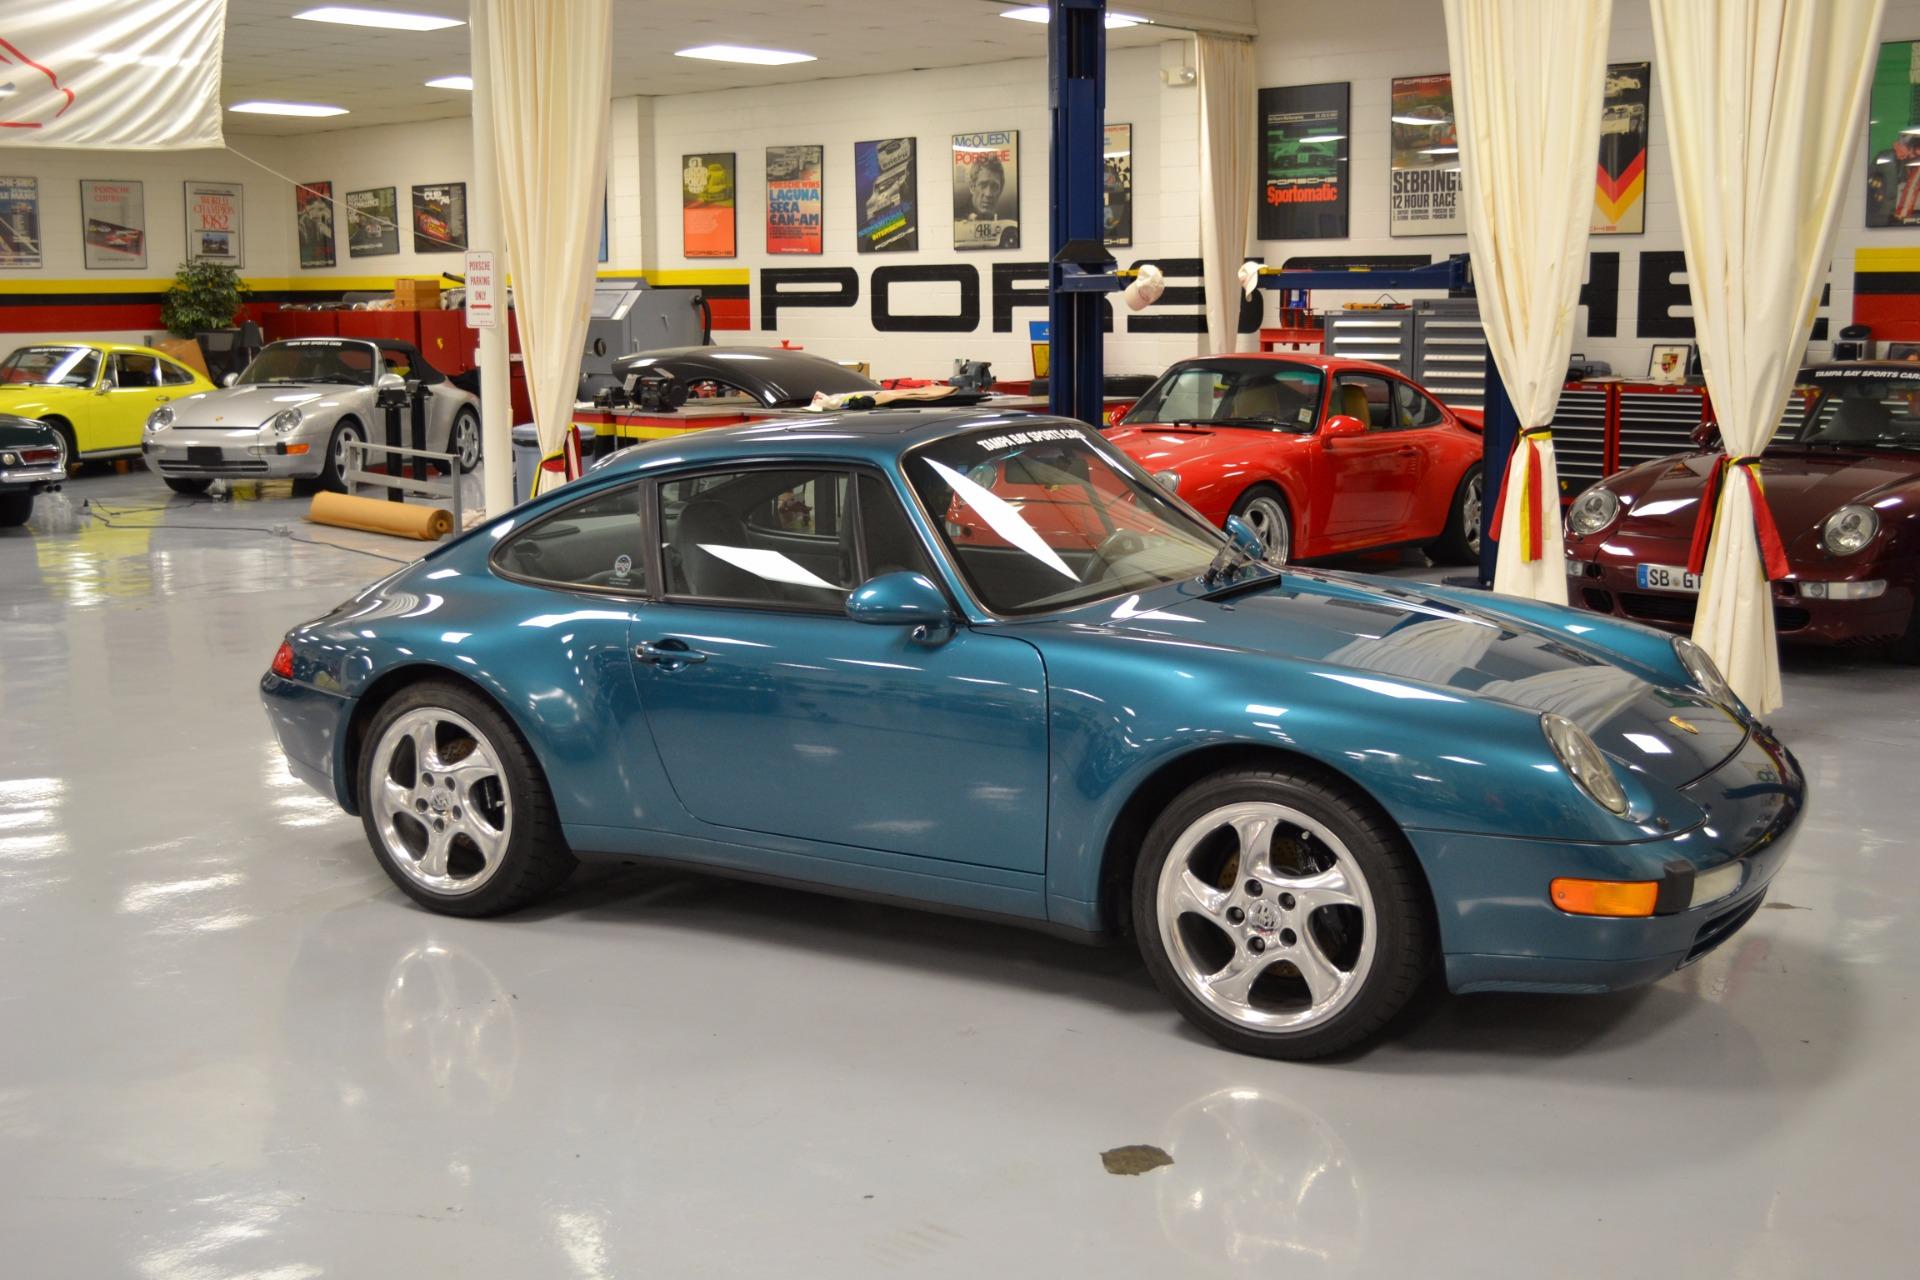 1996 Porsche 993/911 Carrera For Sale in Pinellas Park, FL